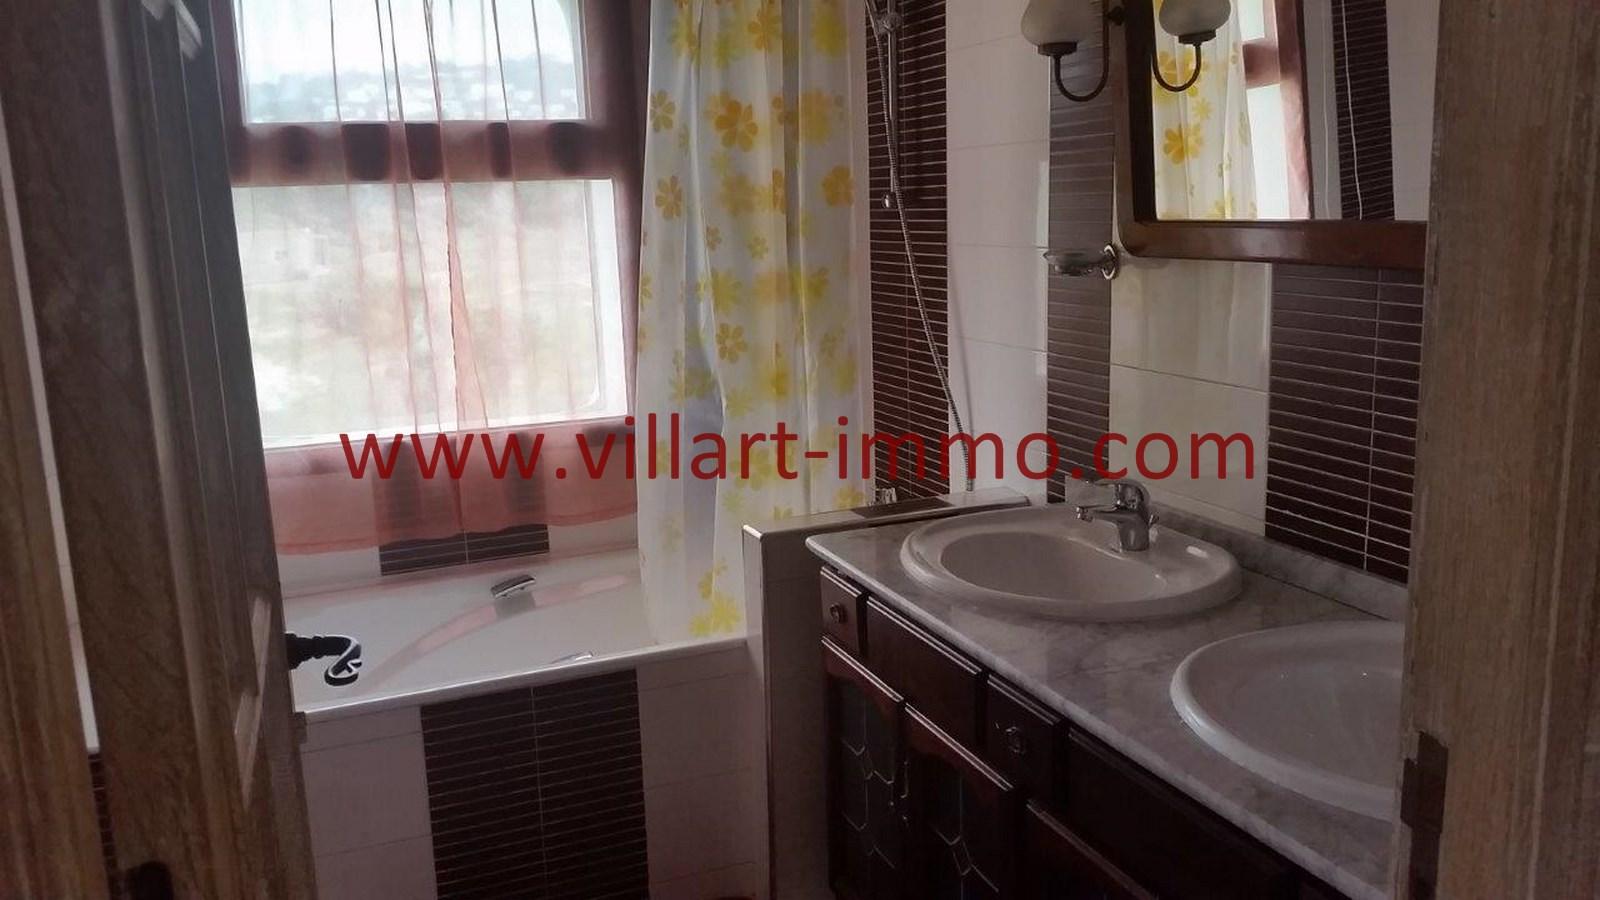 13-a-louer-villa-meublee-tanger-achakar-salle-de-bain-3-lsat914-villart-immo